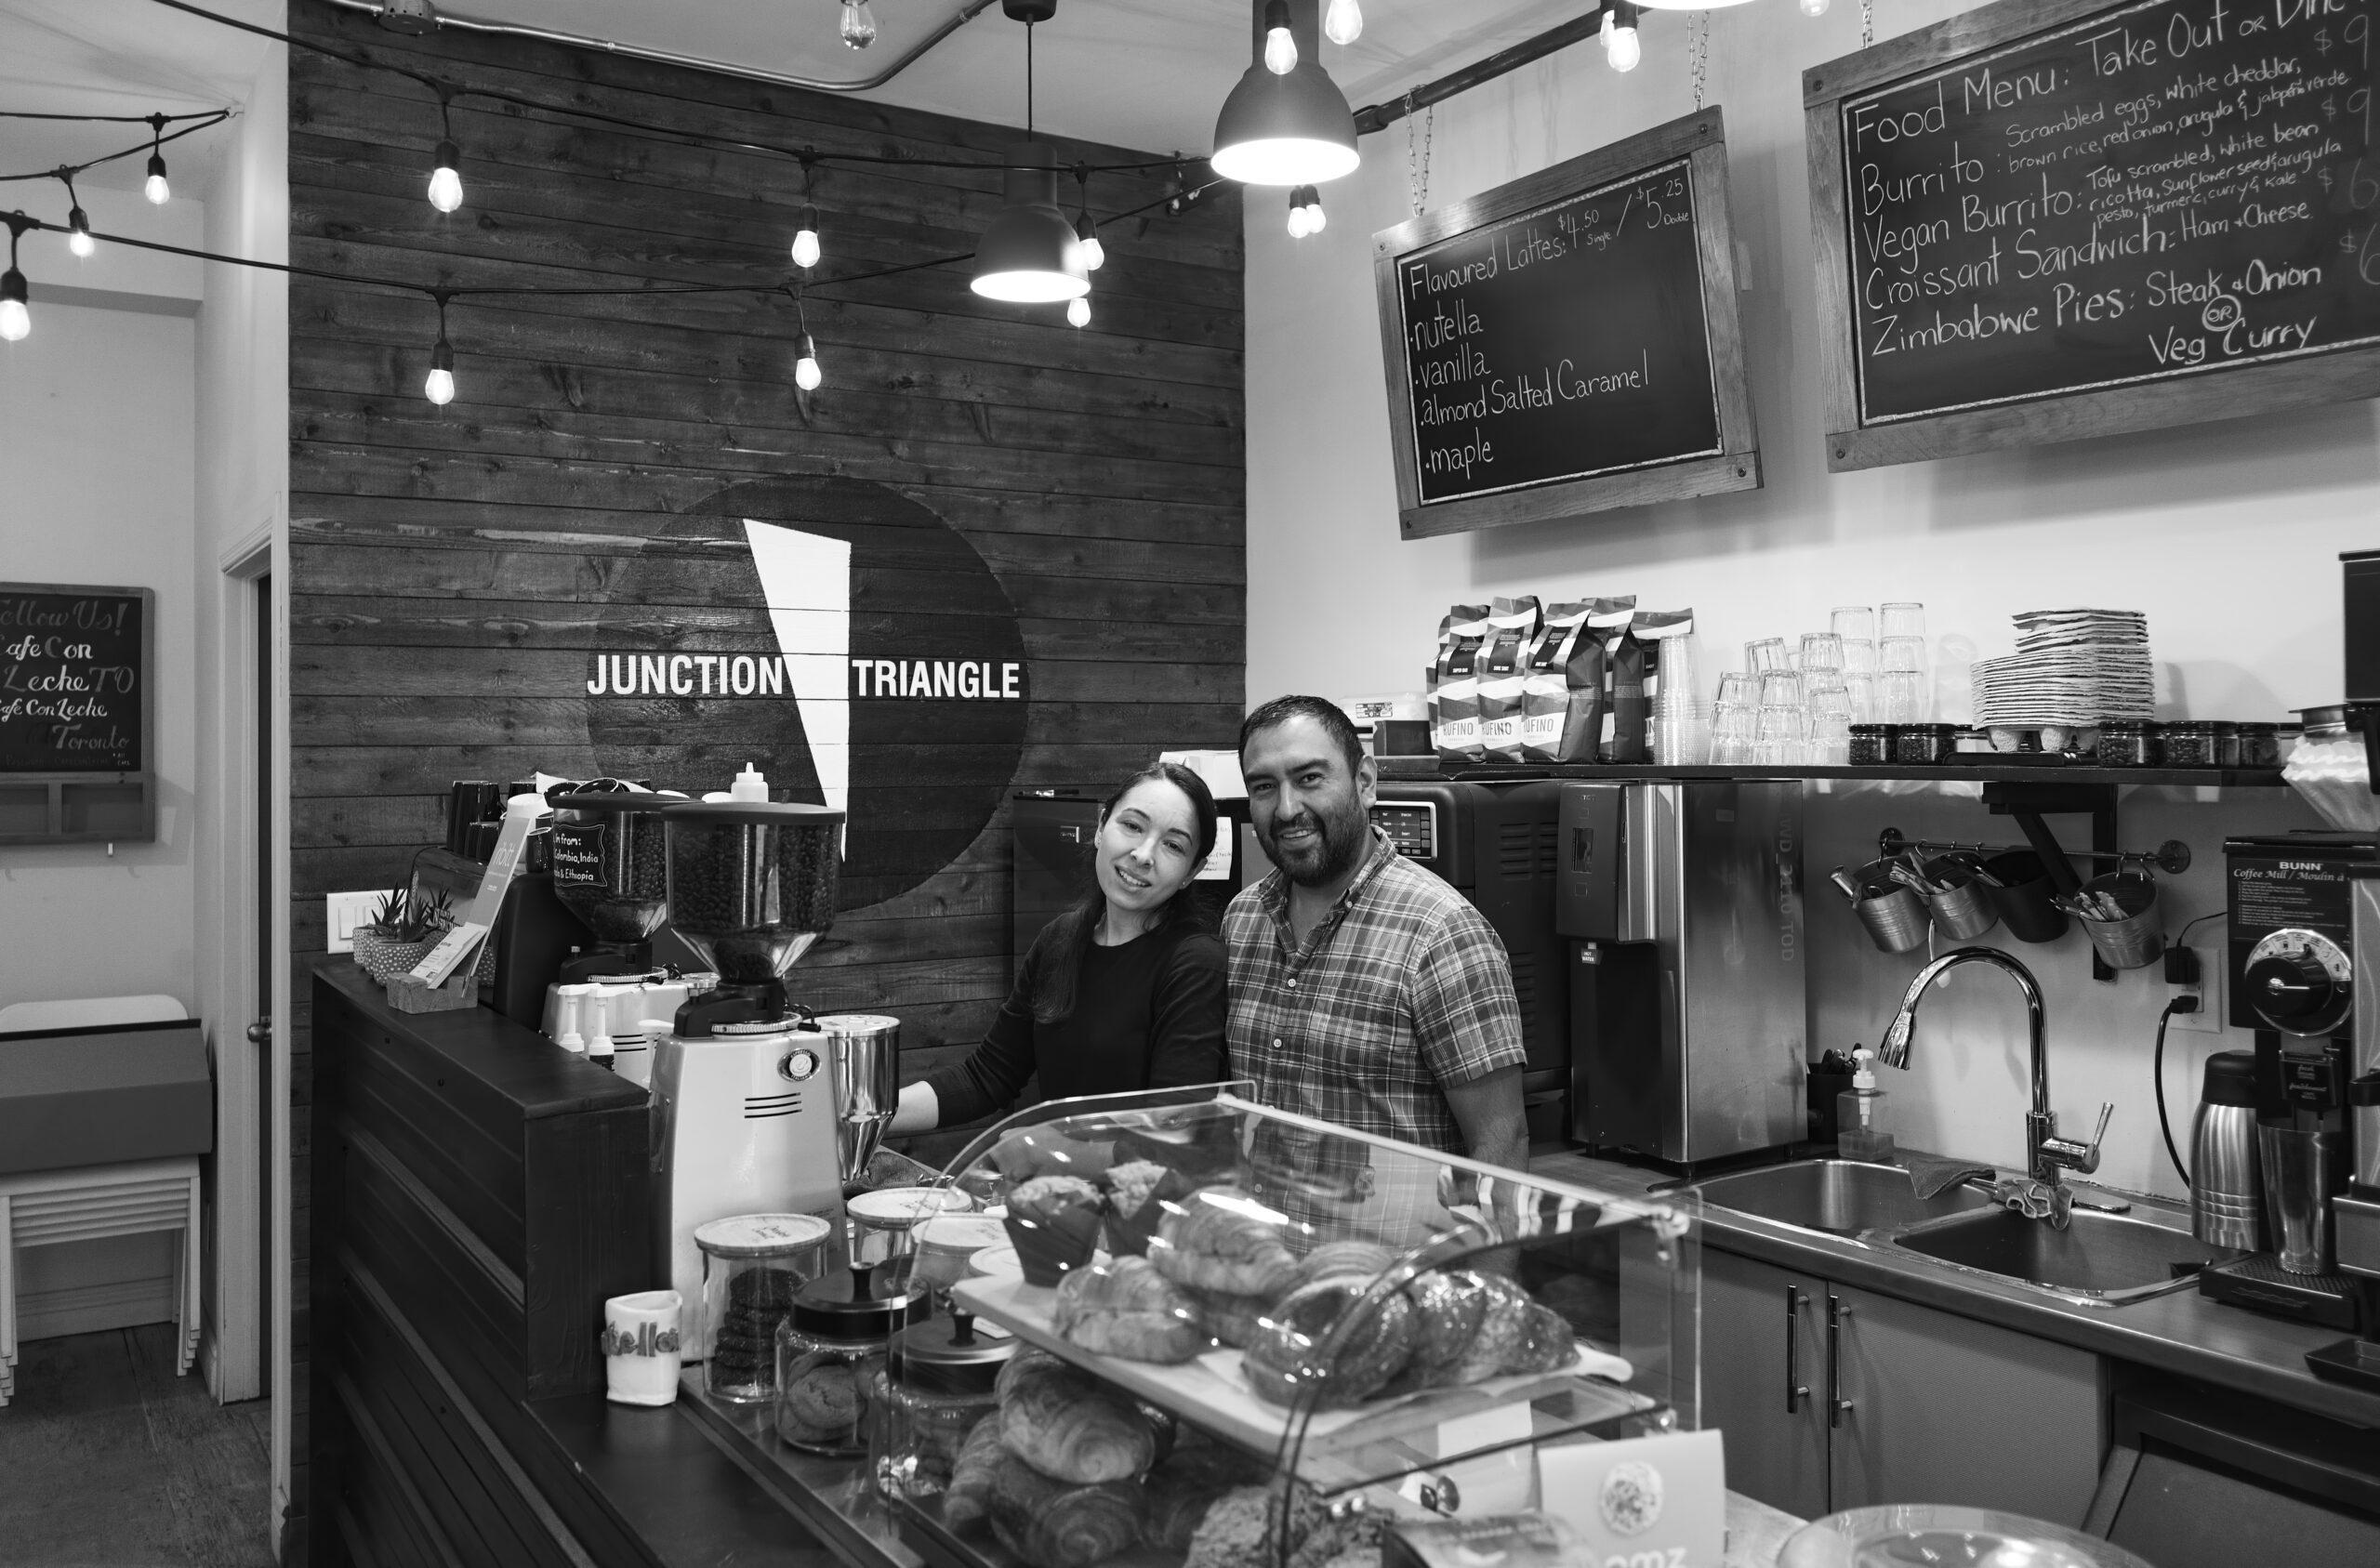 Sandra and Carlos, Cafe con Leche